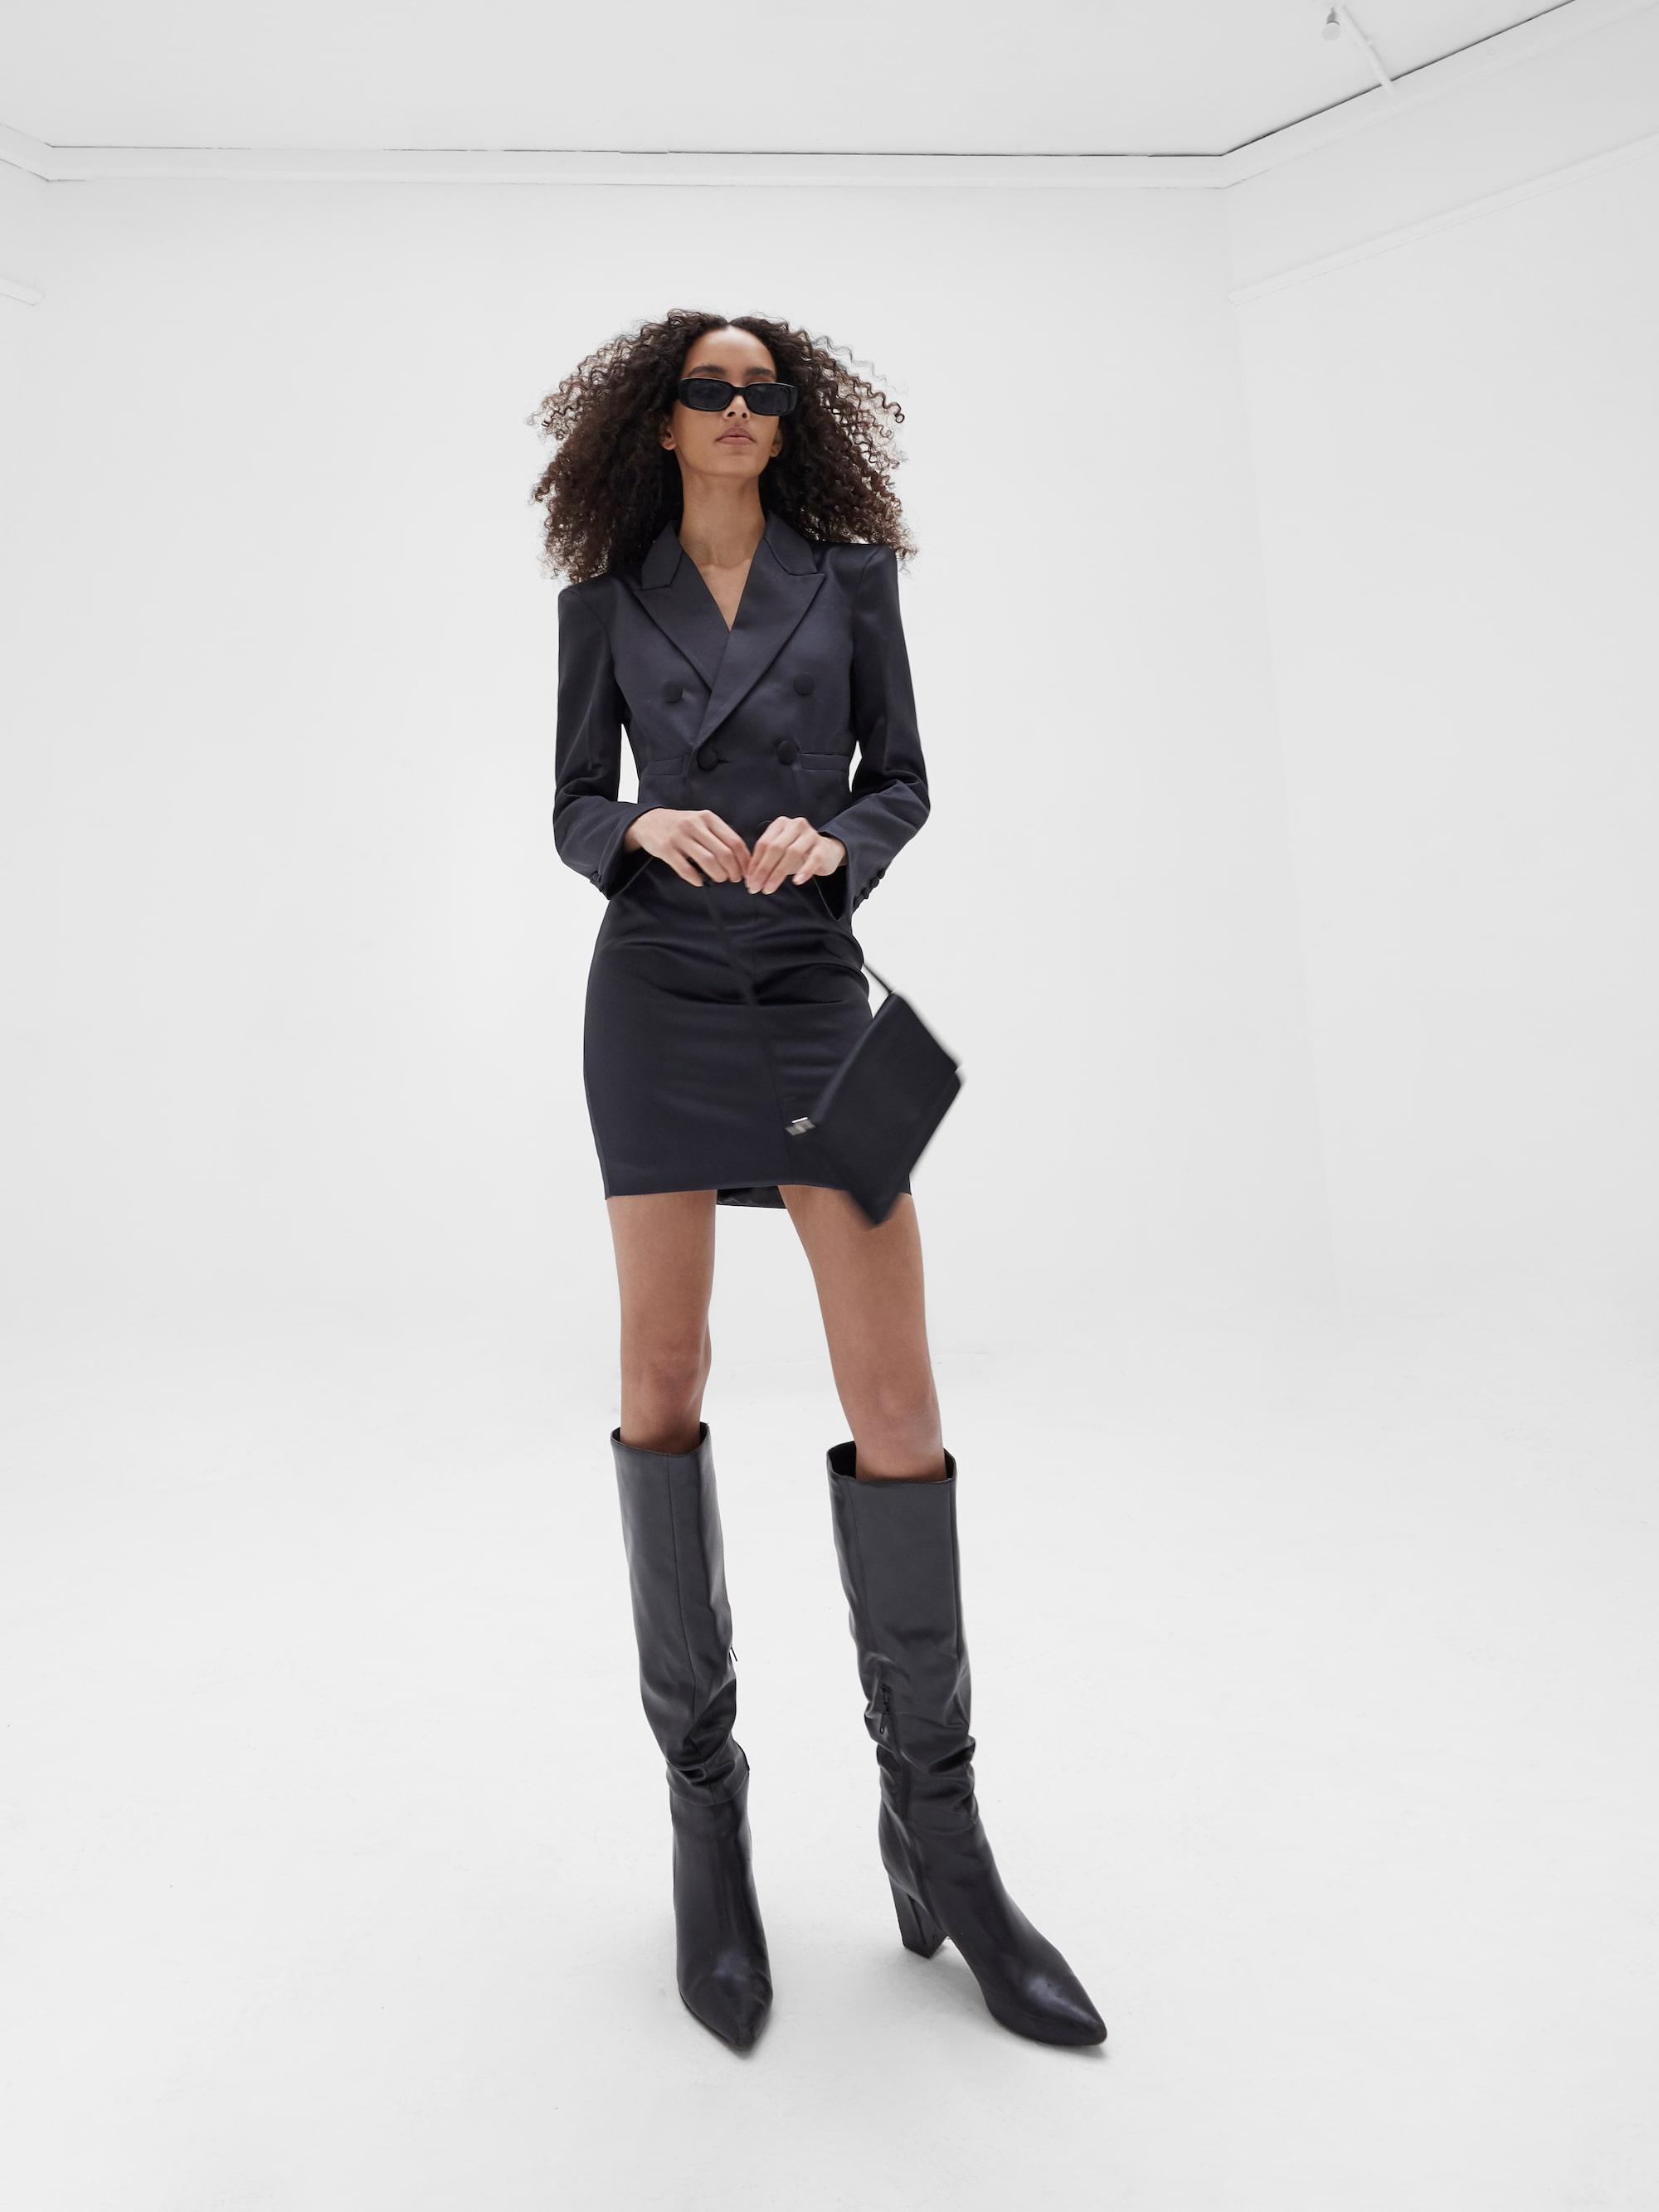 View 5 of model wearing Kin Cropped Blazer in black.